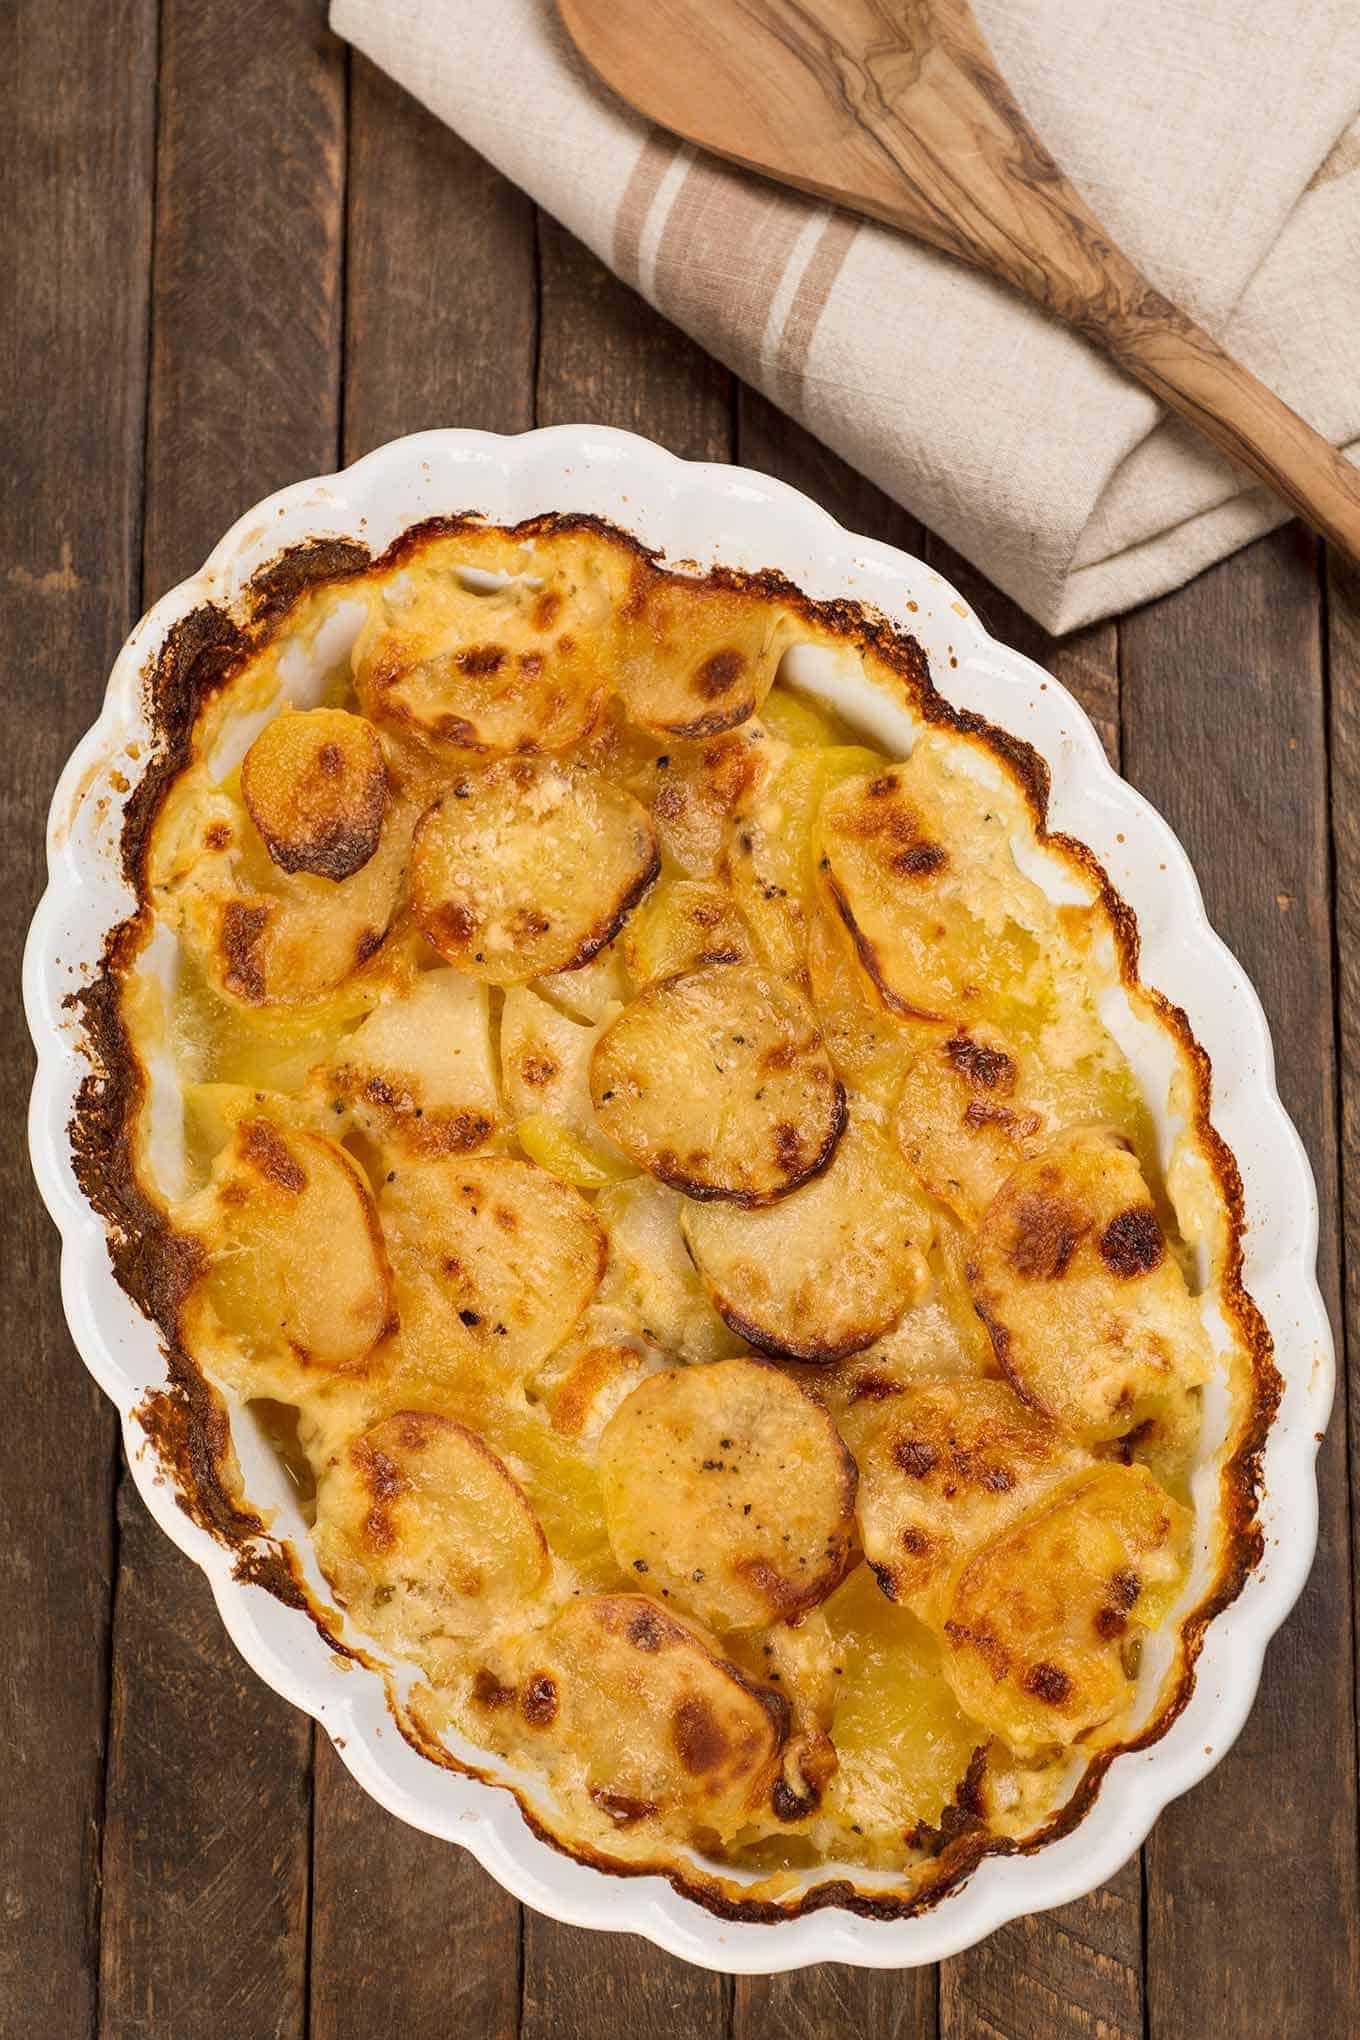 Classic Scalloped Potato Recipe